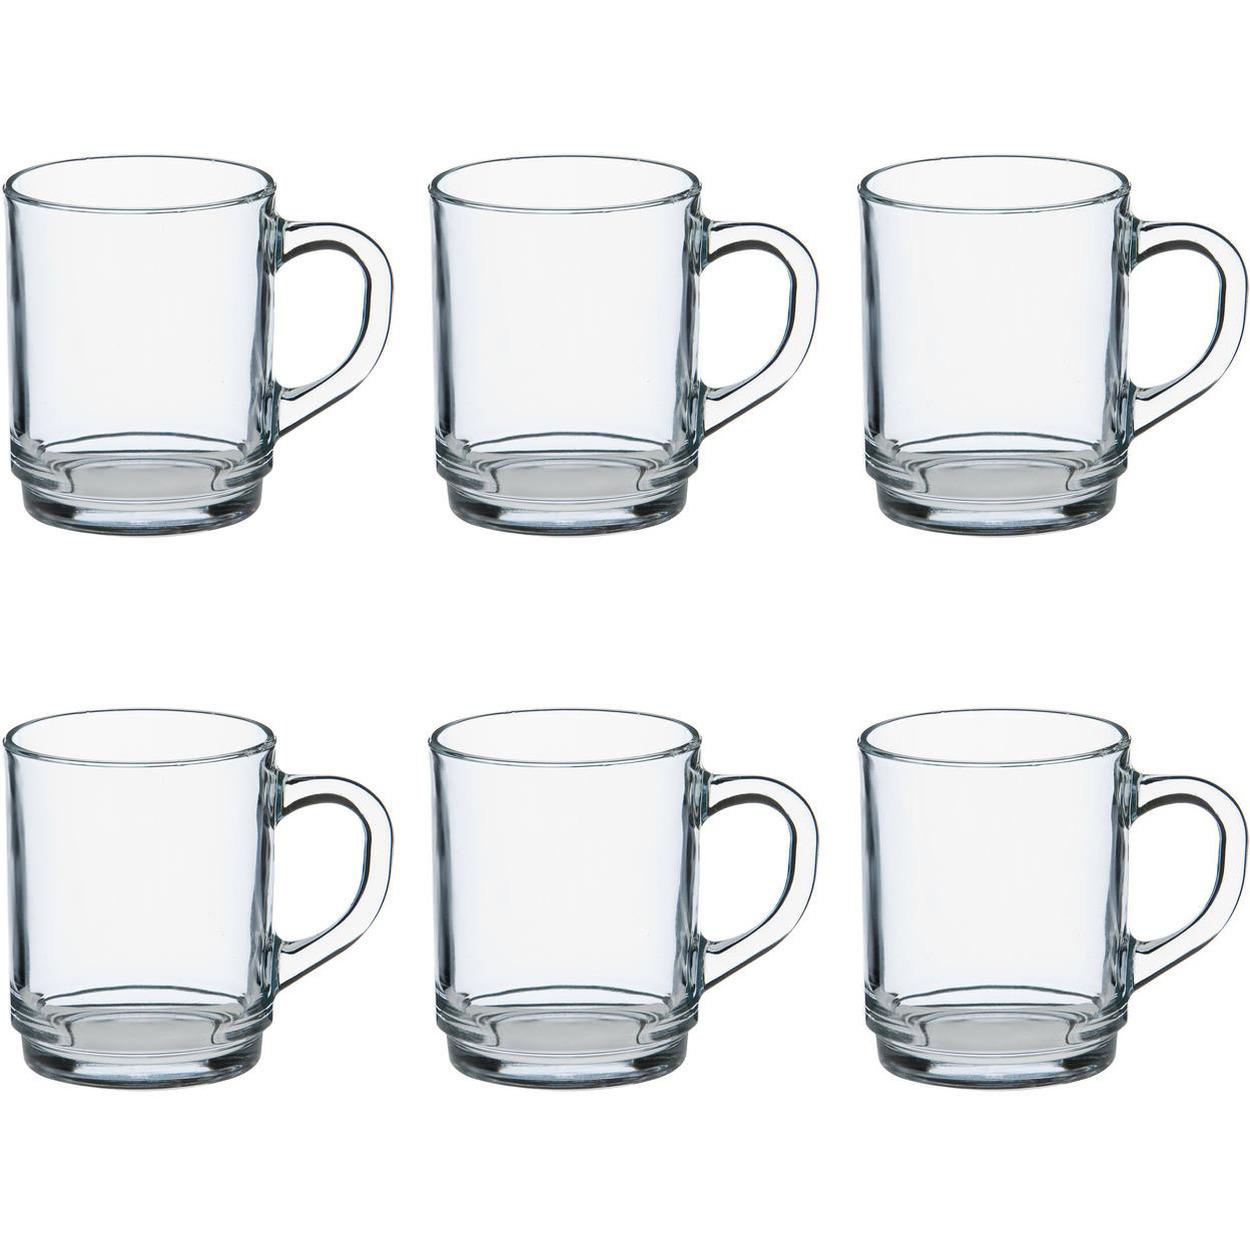 6x Theeglazen-koffieglazen transparant 260 ml Versailles